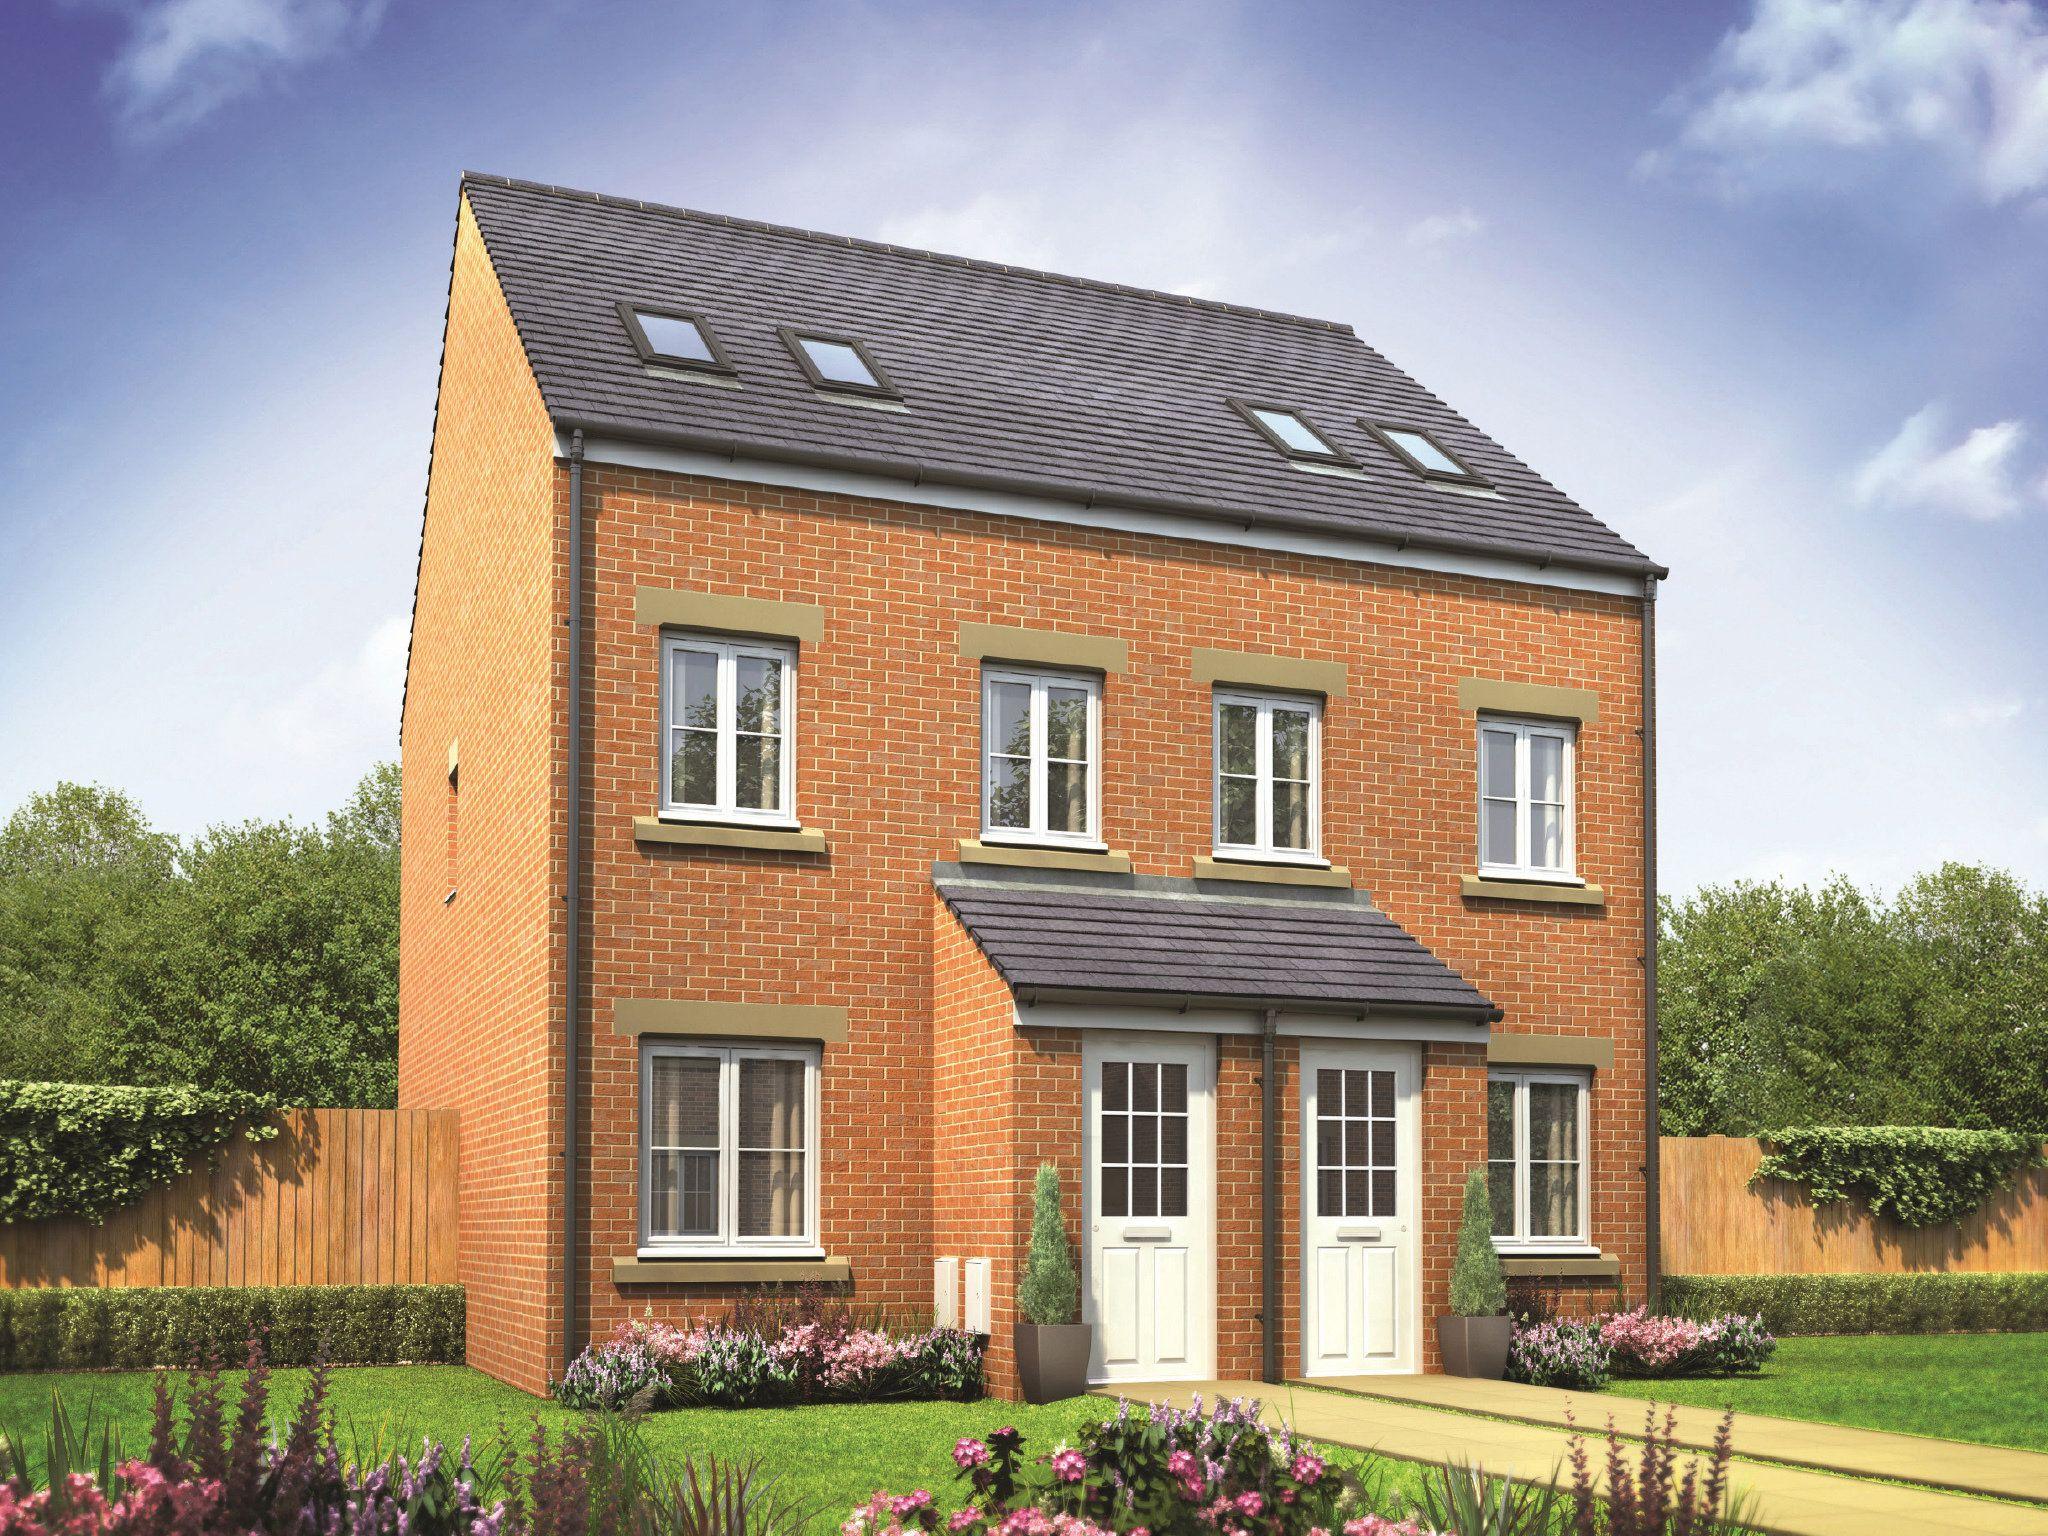 Hauxley Grange development image 1 of 1